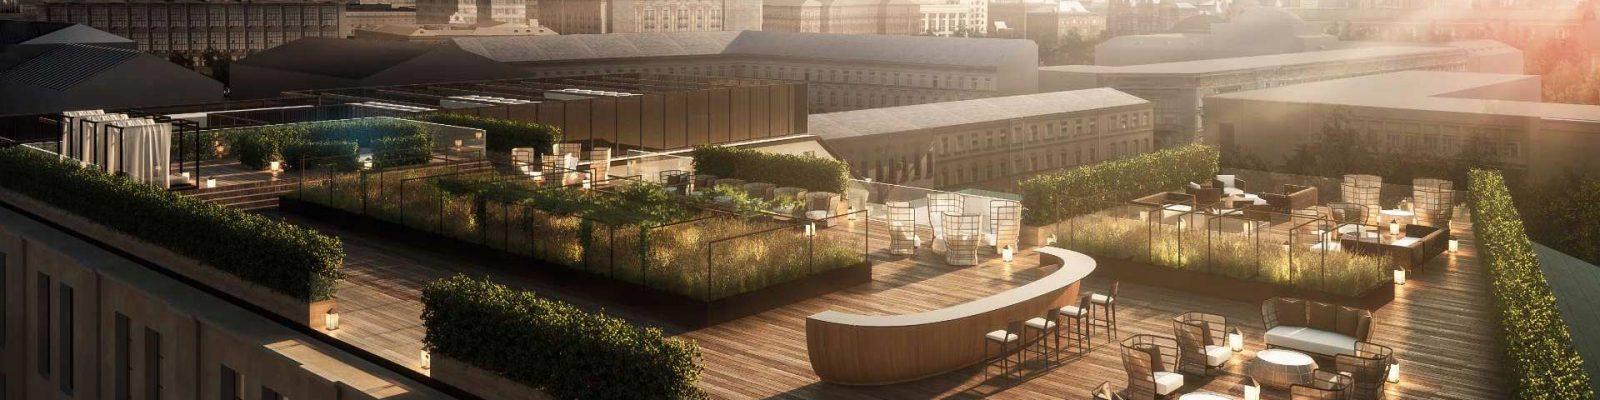 Vista del terrazza sul tetto del Bvlgari Hotel di Mosca